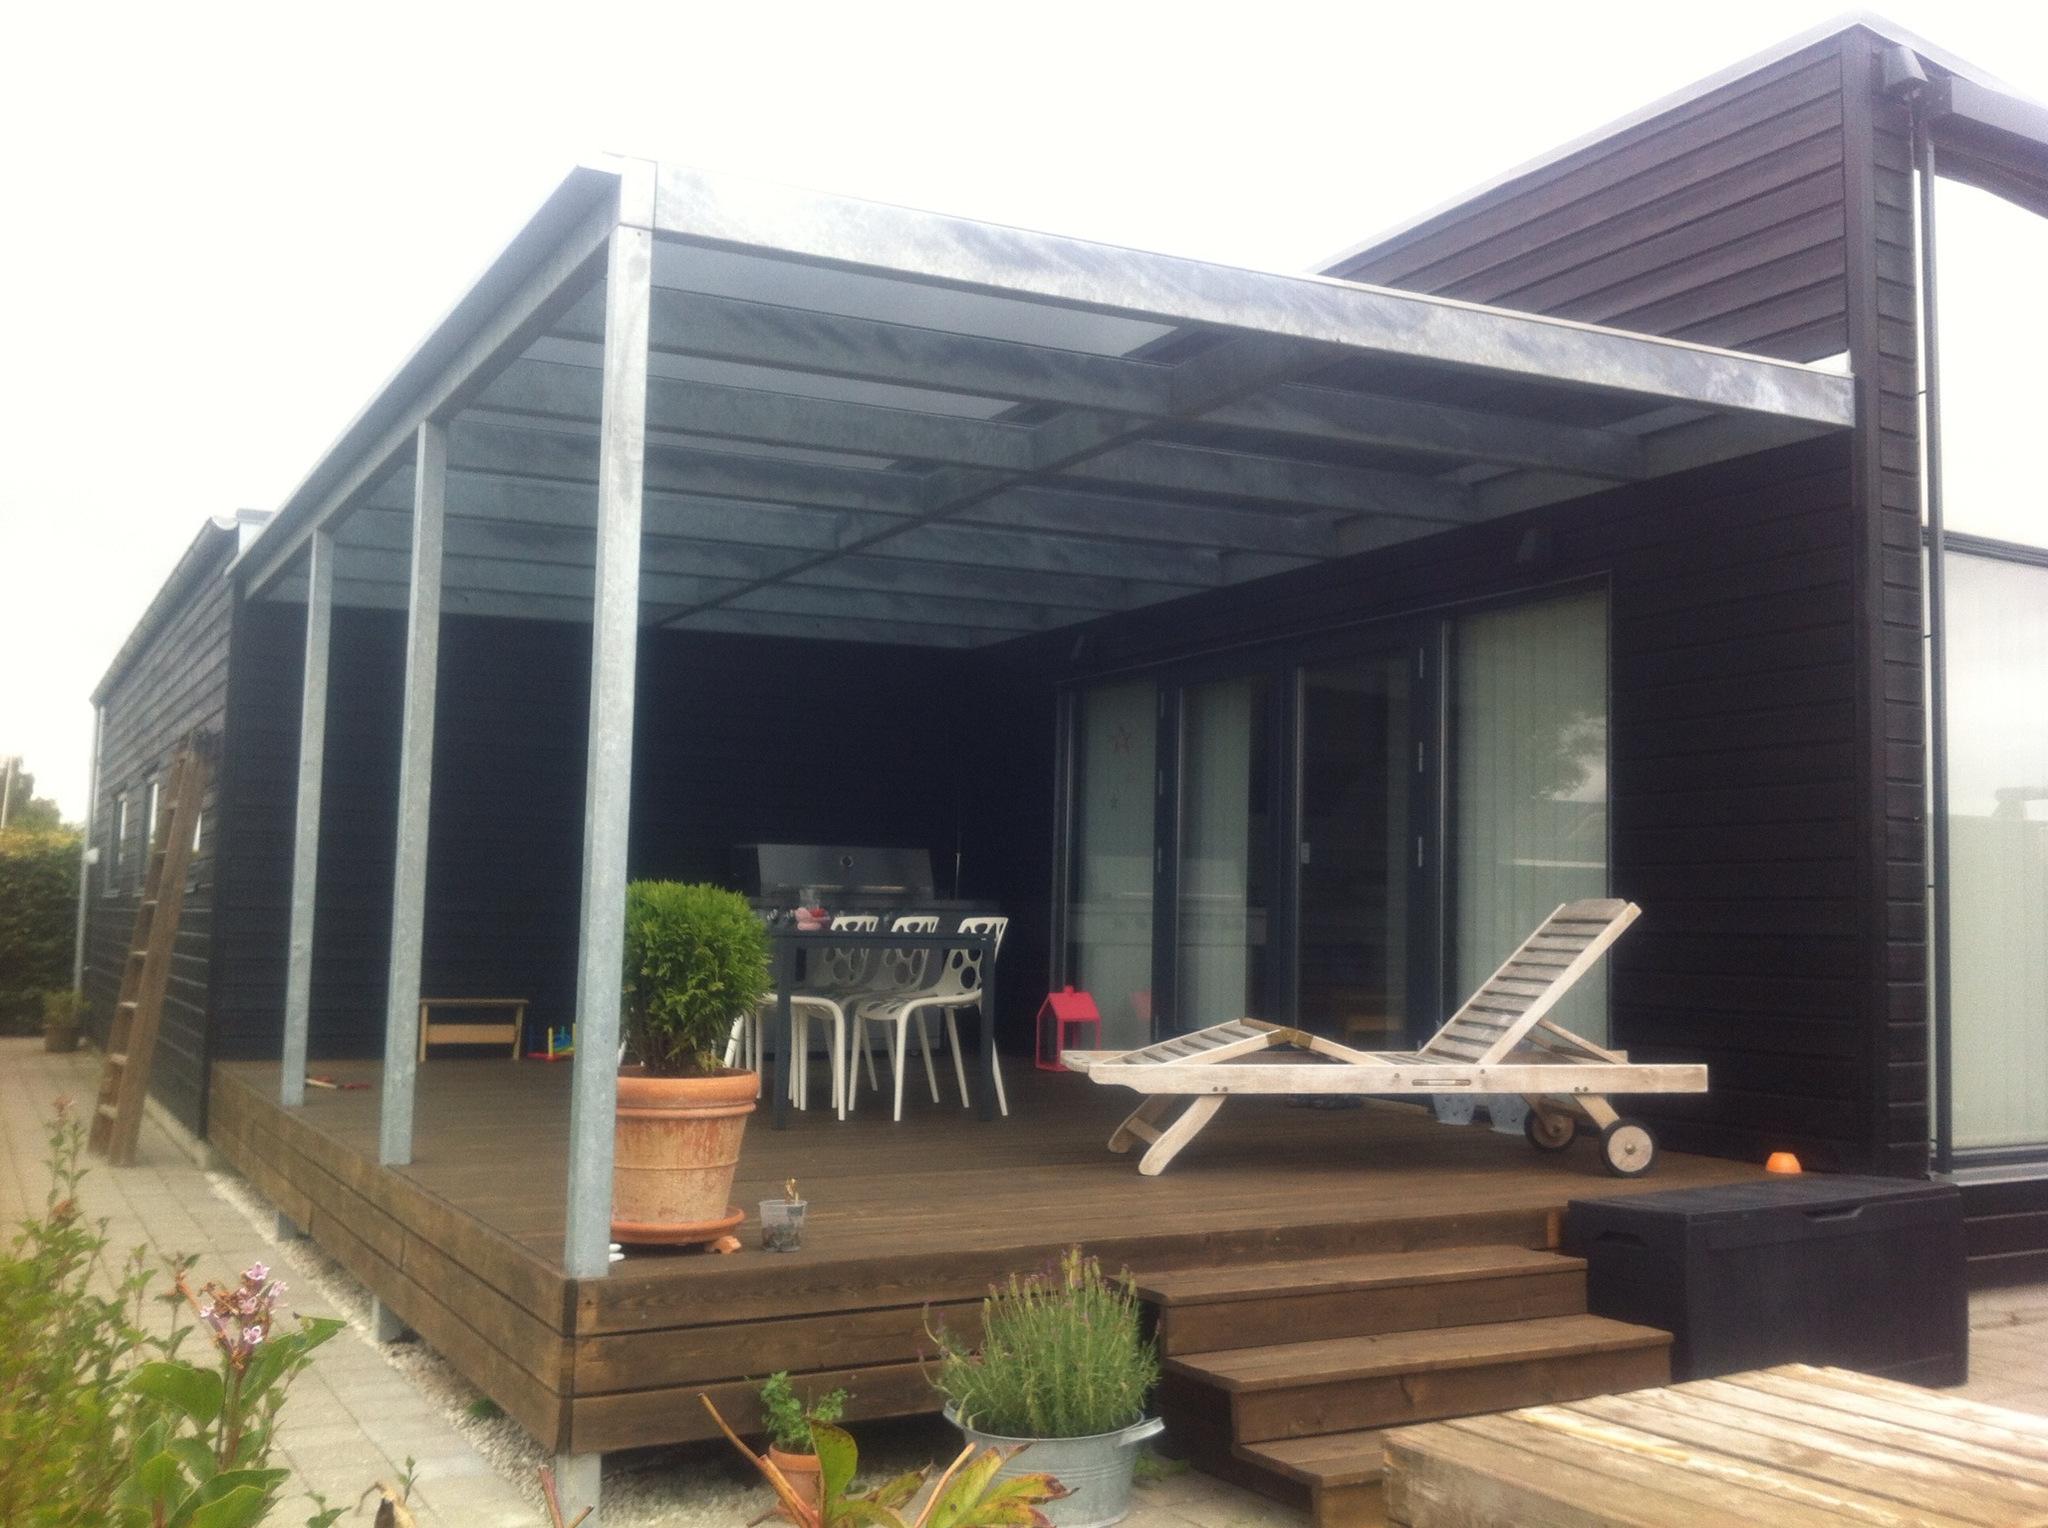 #8A7041 Mest effektive Terrasse Design Smedien Gør Det Selv Overdækket Terrasse 5875 204815285875